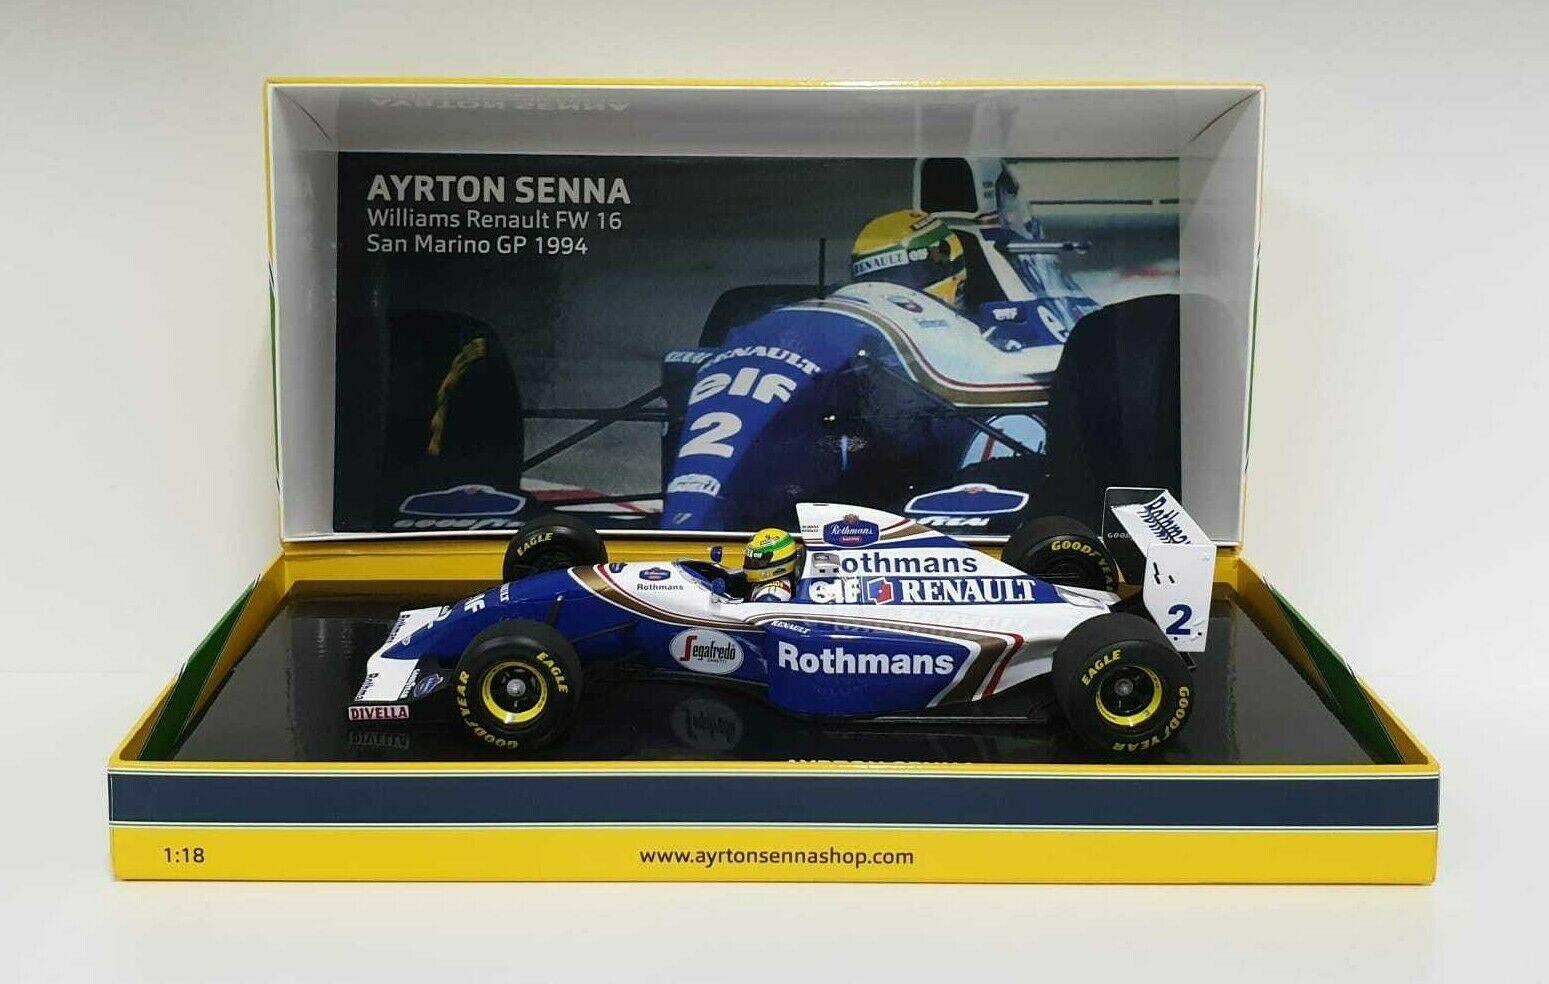 MINICHAMPS 1/18 AYRTON SENNA MODELLINO AUTO F1 WILLIAMS RENAULT FW16 IMOLA 1994